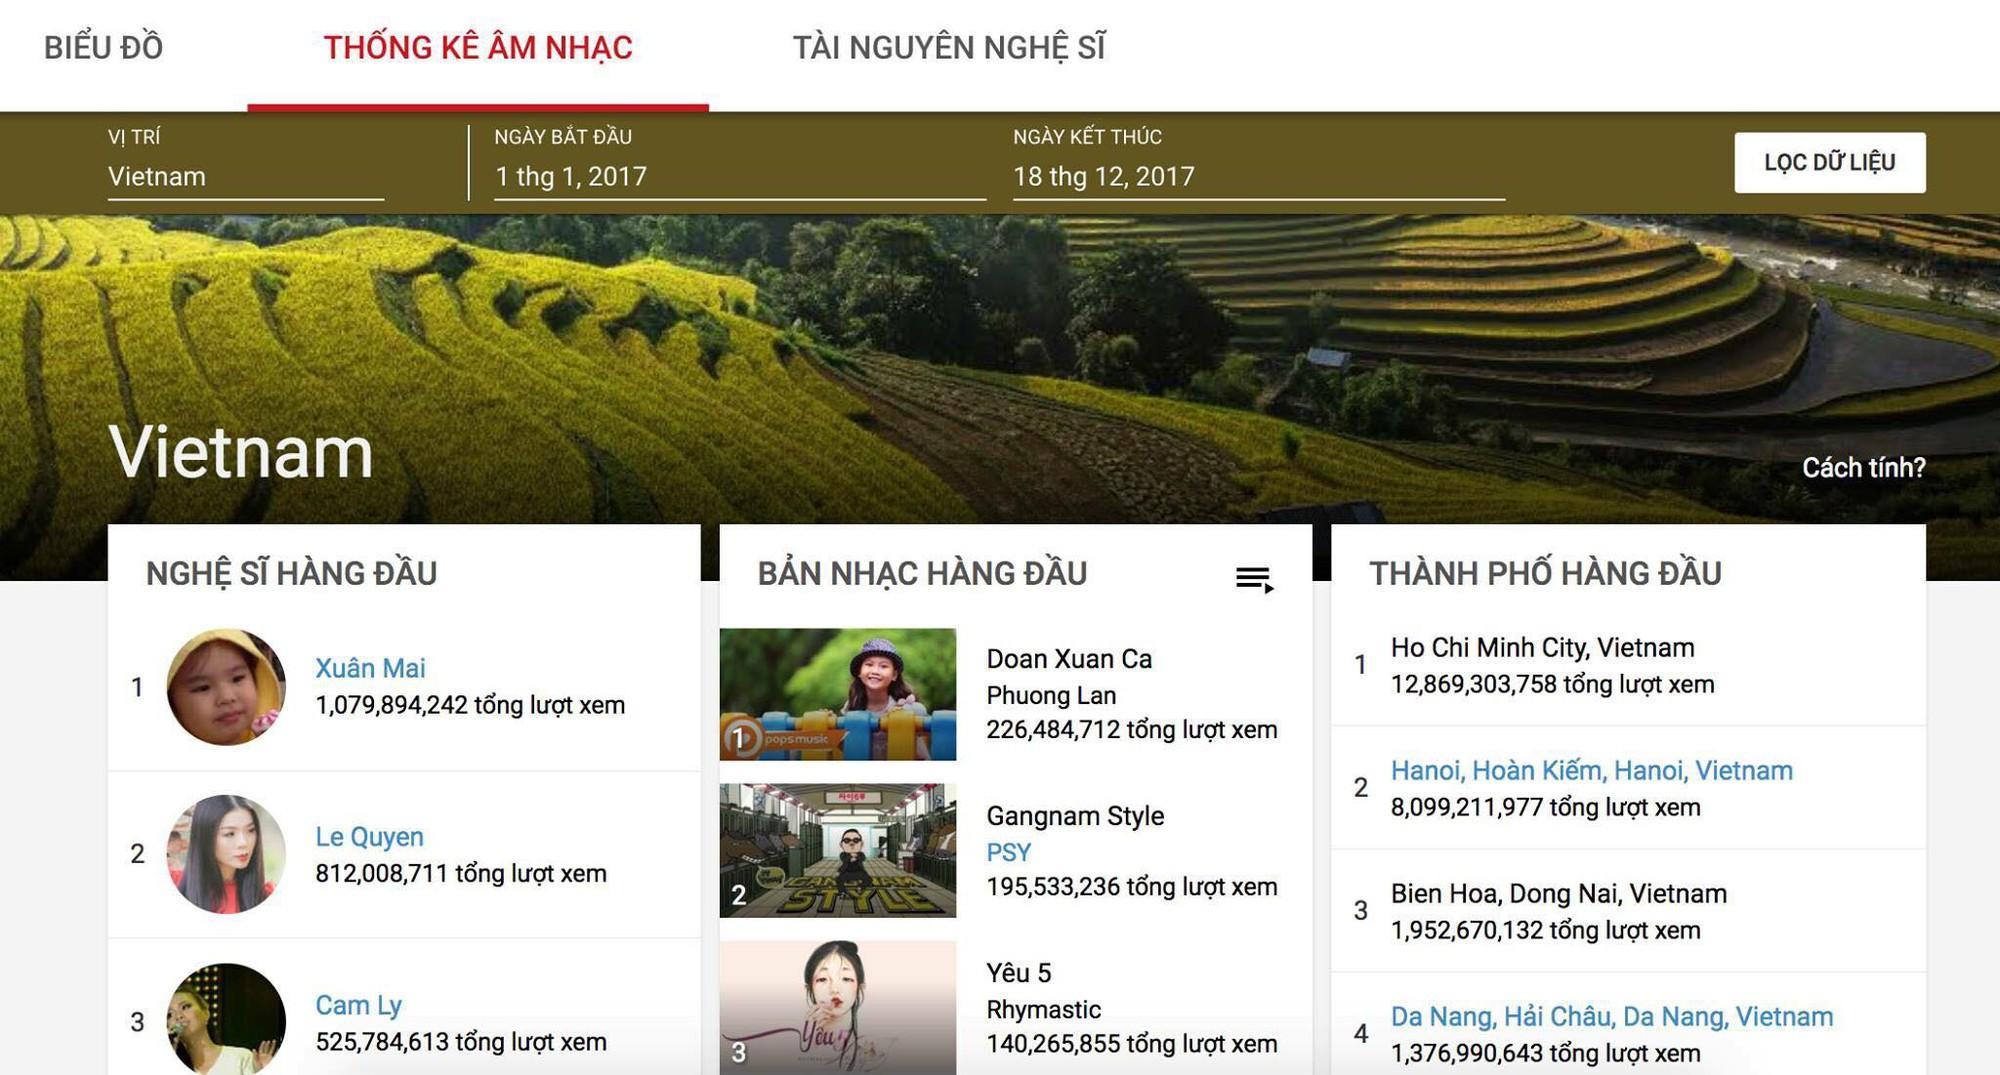 Nhiều năm không hoạt động, bé Xuân Mai vẫn vượt Sơn Tùng M-TP và hàng loạt ngôi sao dẫn đầu danh sách tìm kiếm của Google - Ảnh 1.